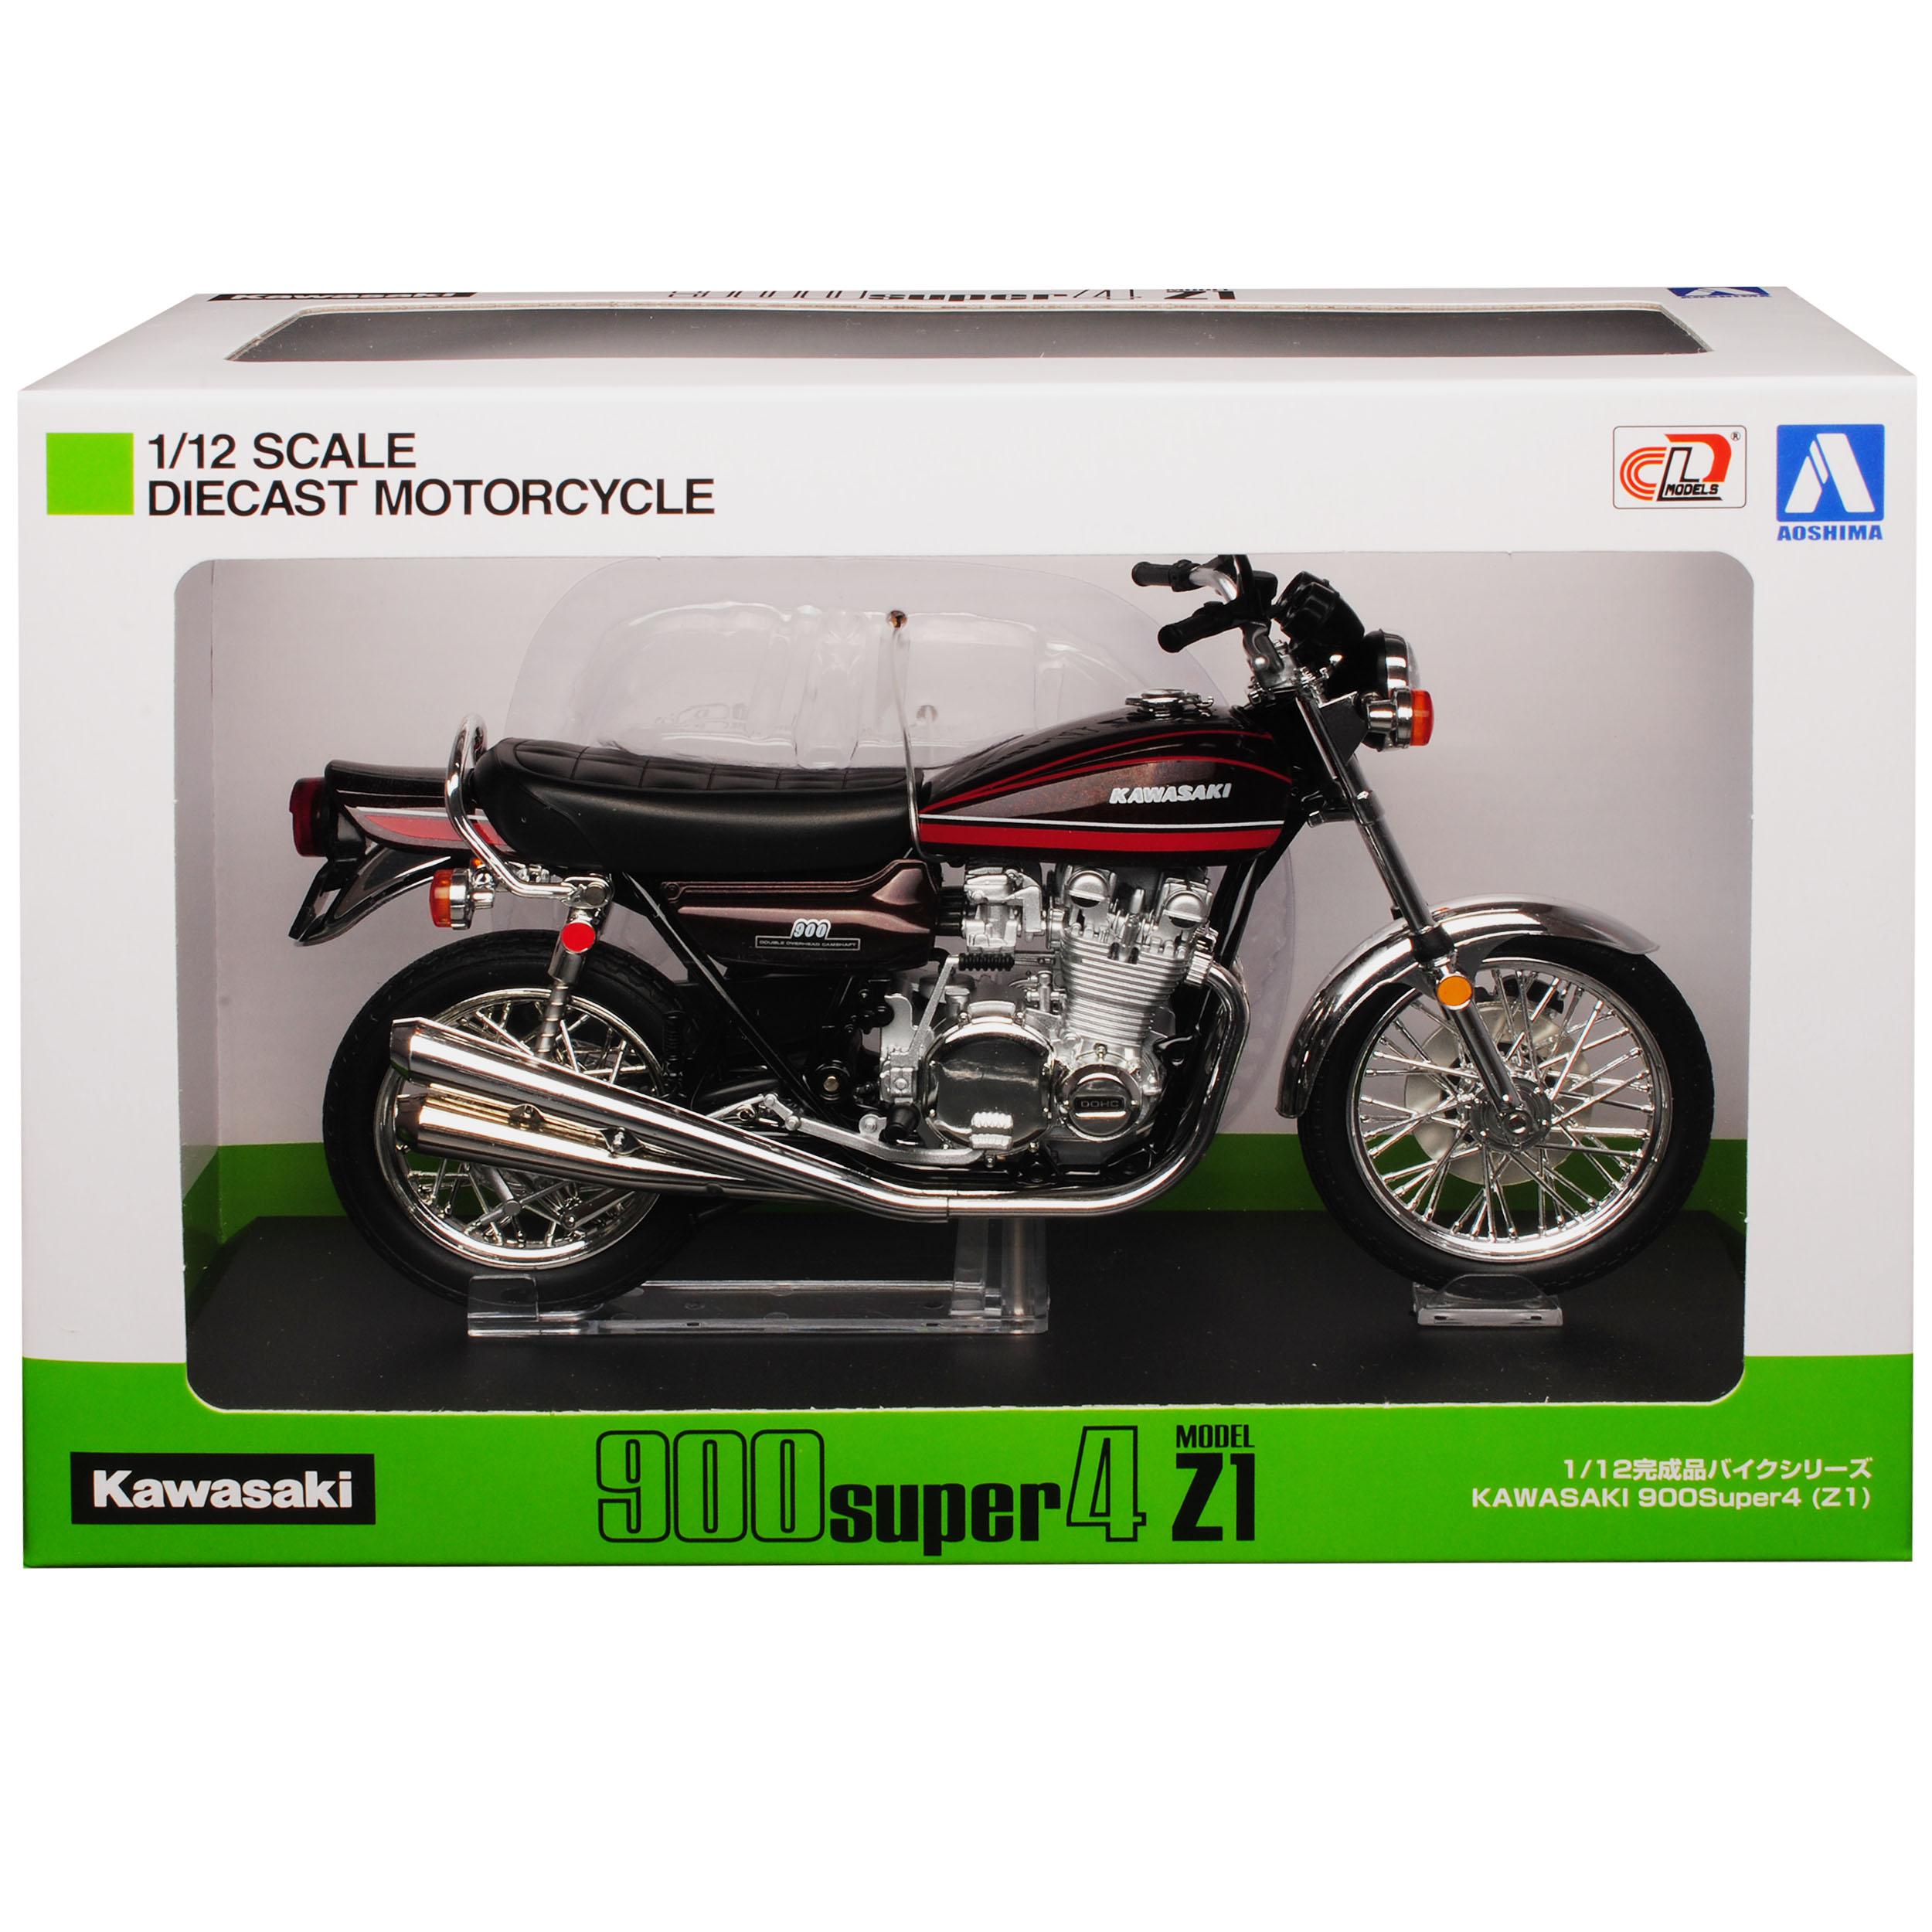 Kawasaki-900-Super-4-z1-rojo-con-rojo-1972-1976-listo-modelo-1-12-Aoshima-modelo miniatura 10